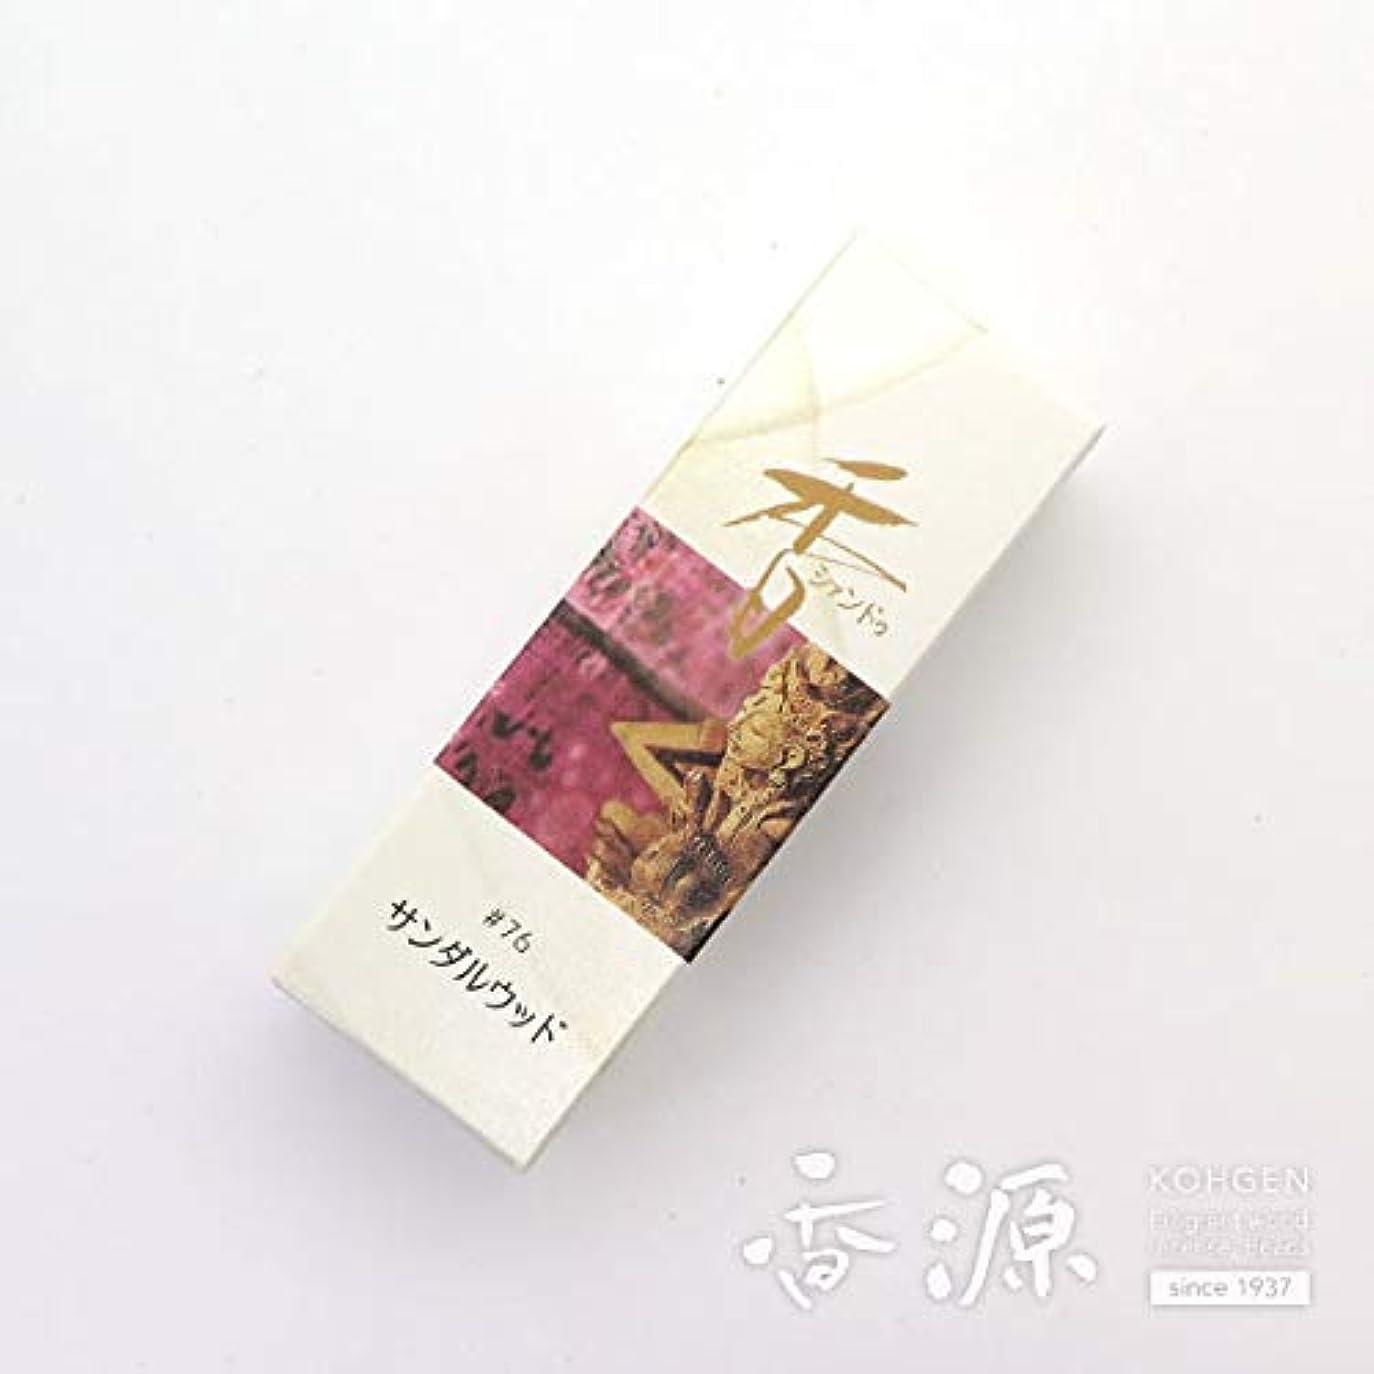 熱心泣く方法松栄堂のお香 Xiang Do サンダルウッド ST20本入 簡易香立付 #214276